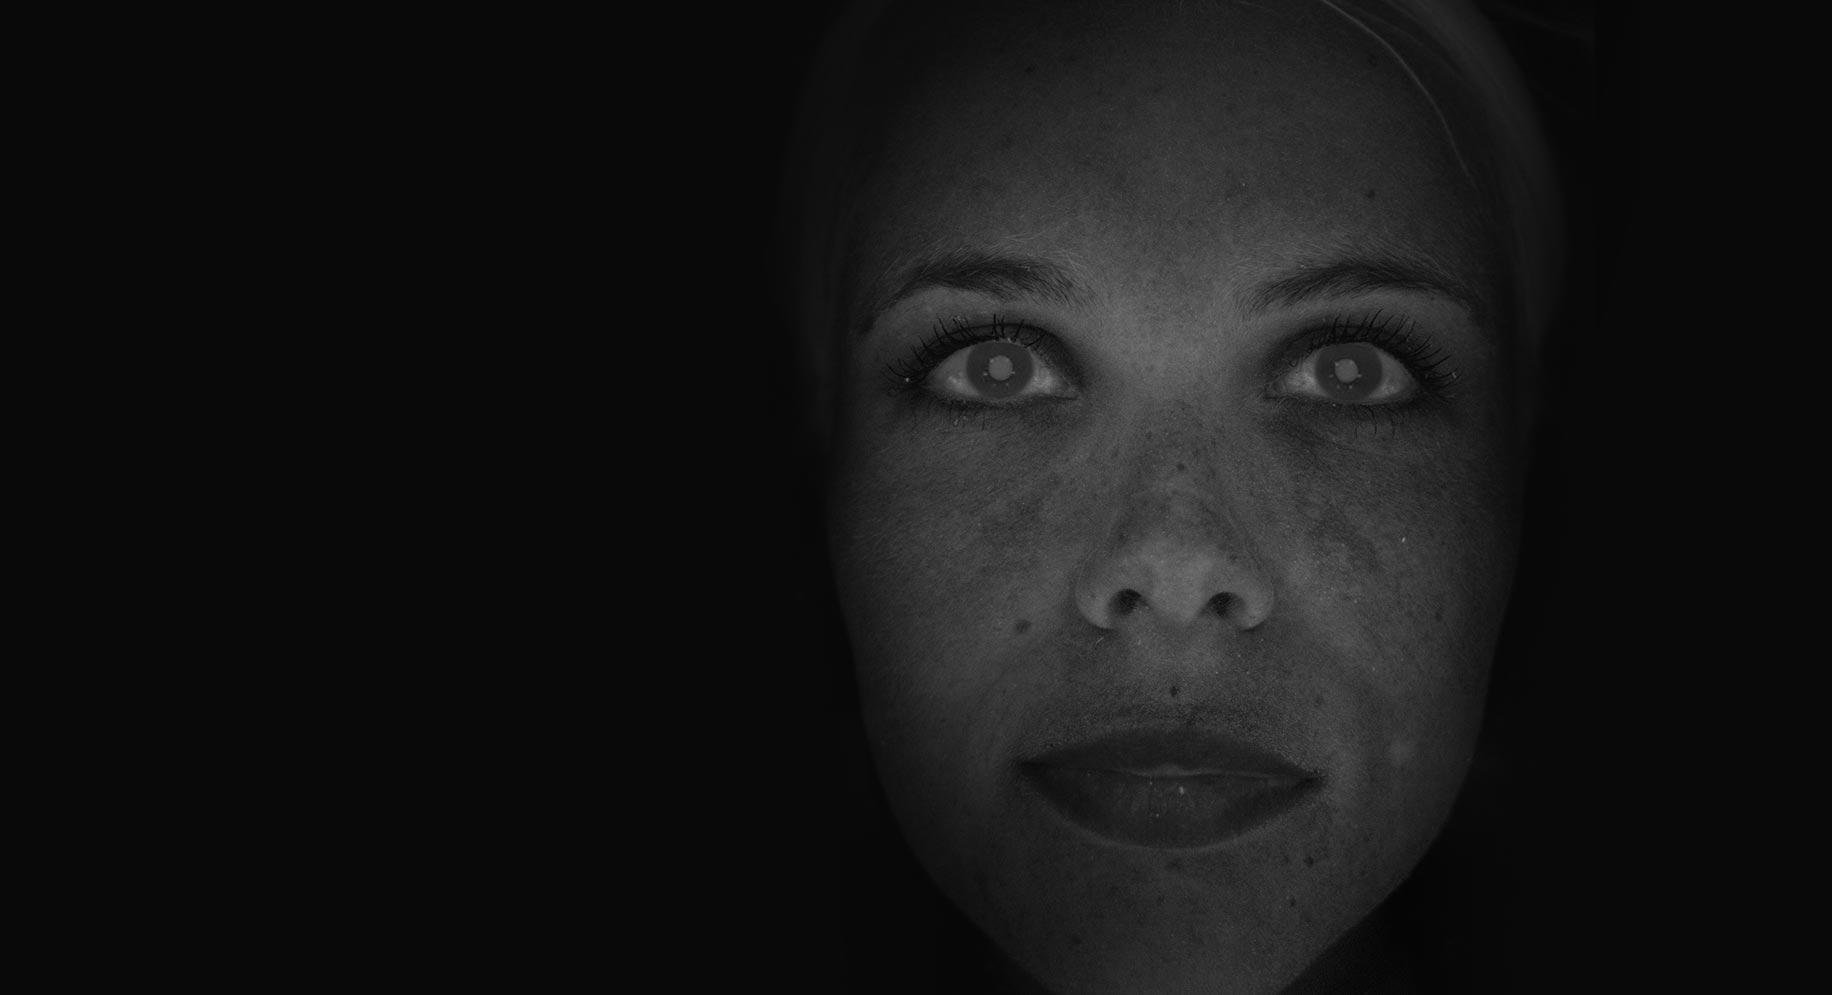 | Observ Skin Analysis | 18